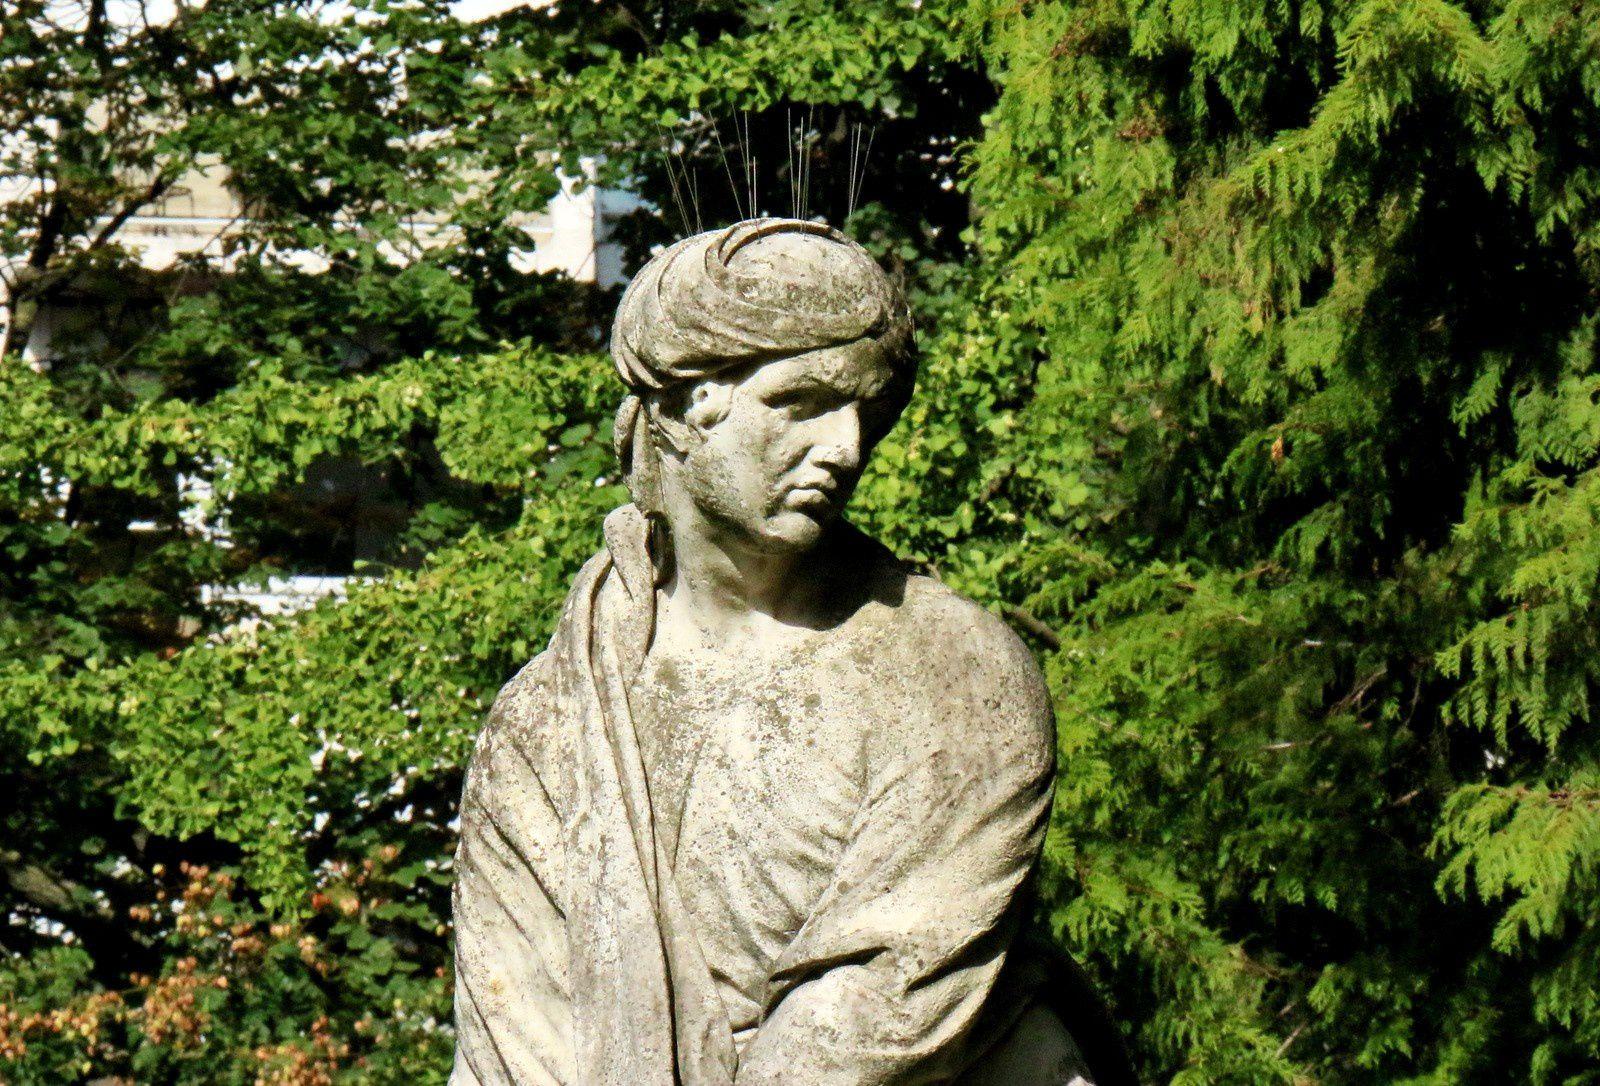 L'Hiver, sculpture de Michel Anguier